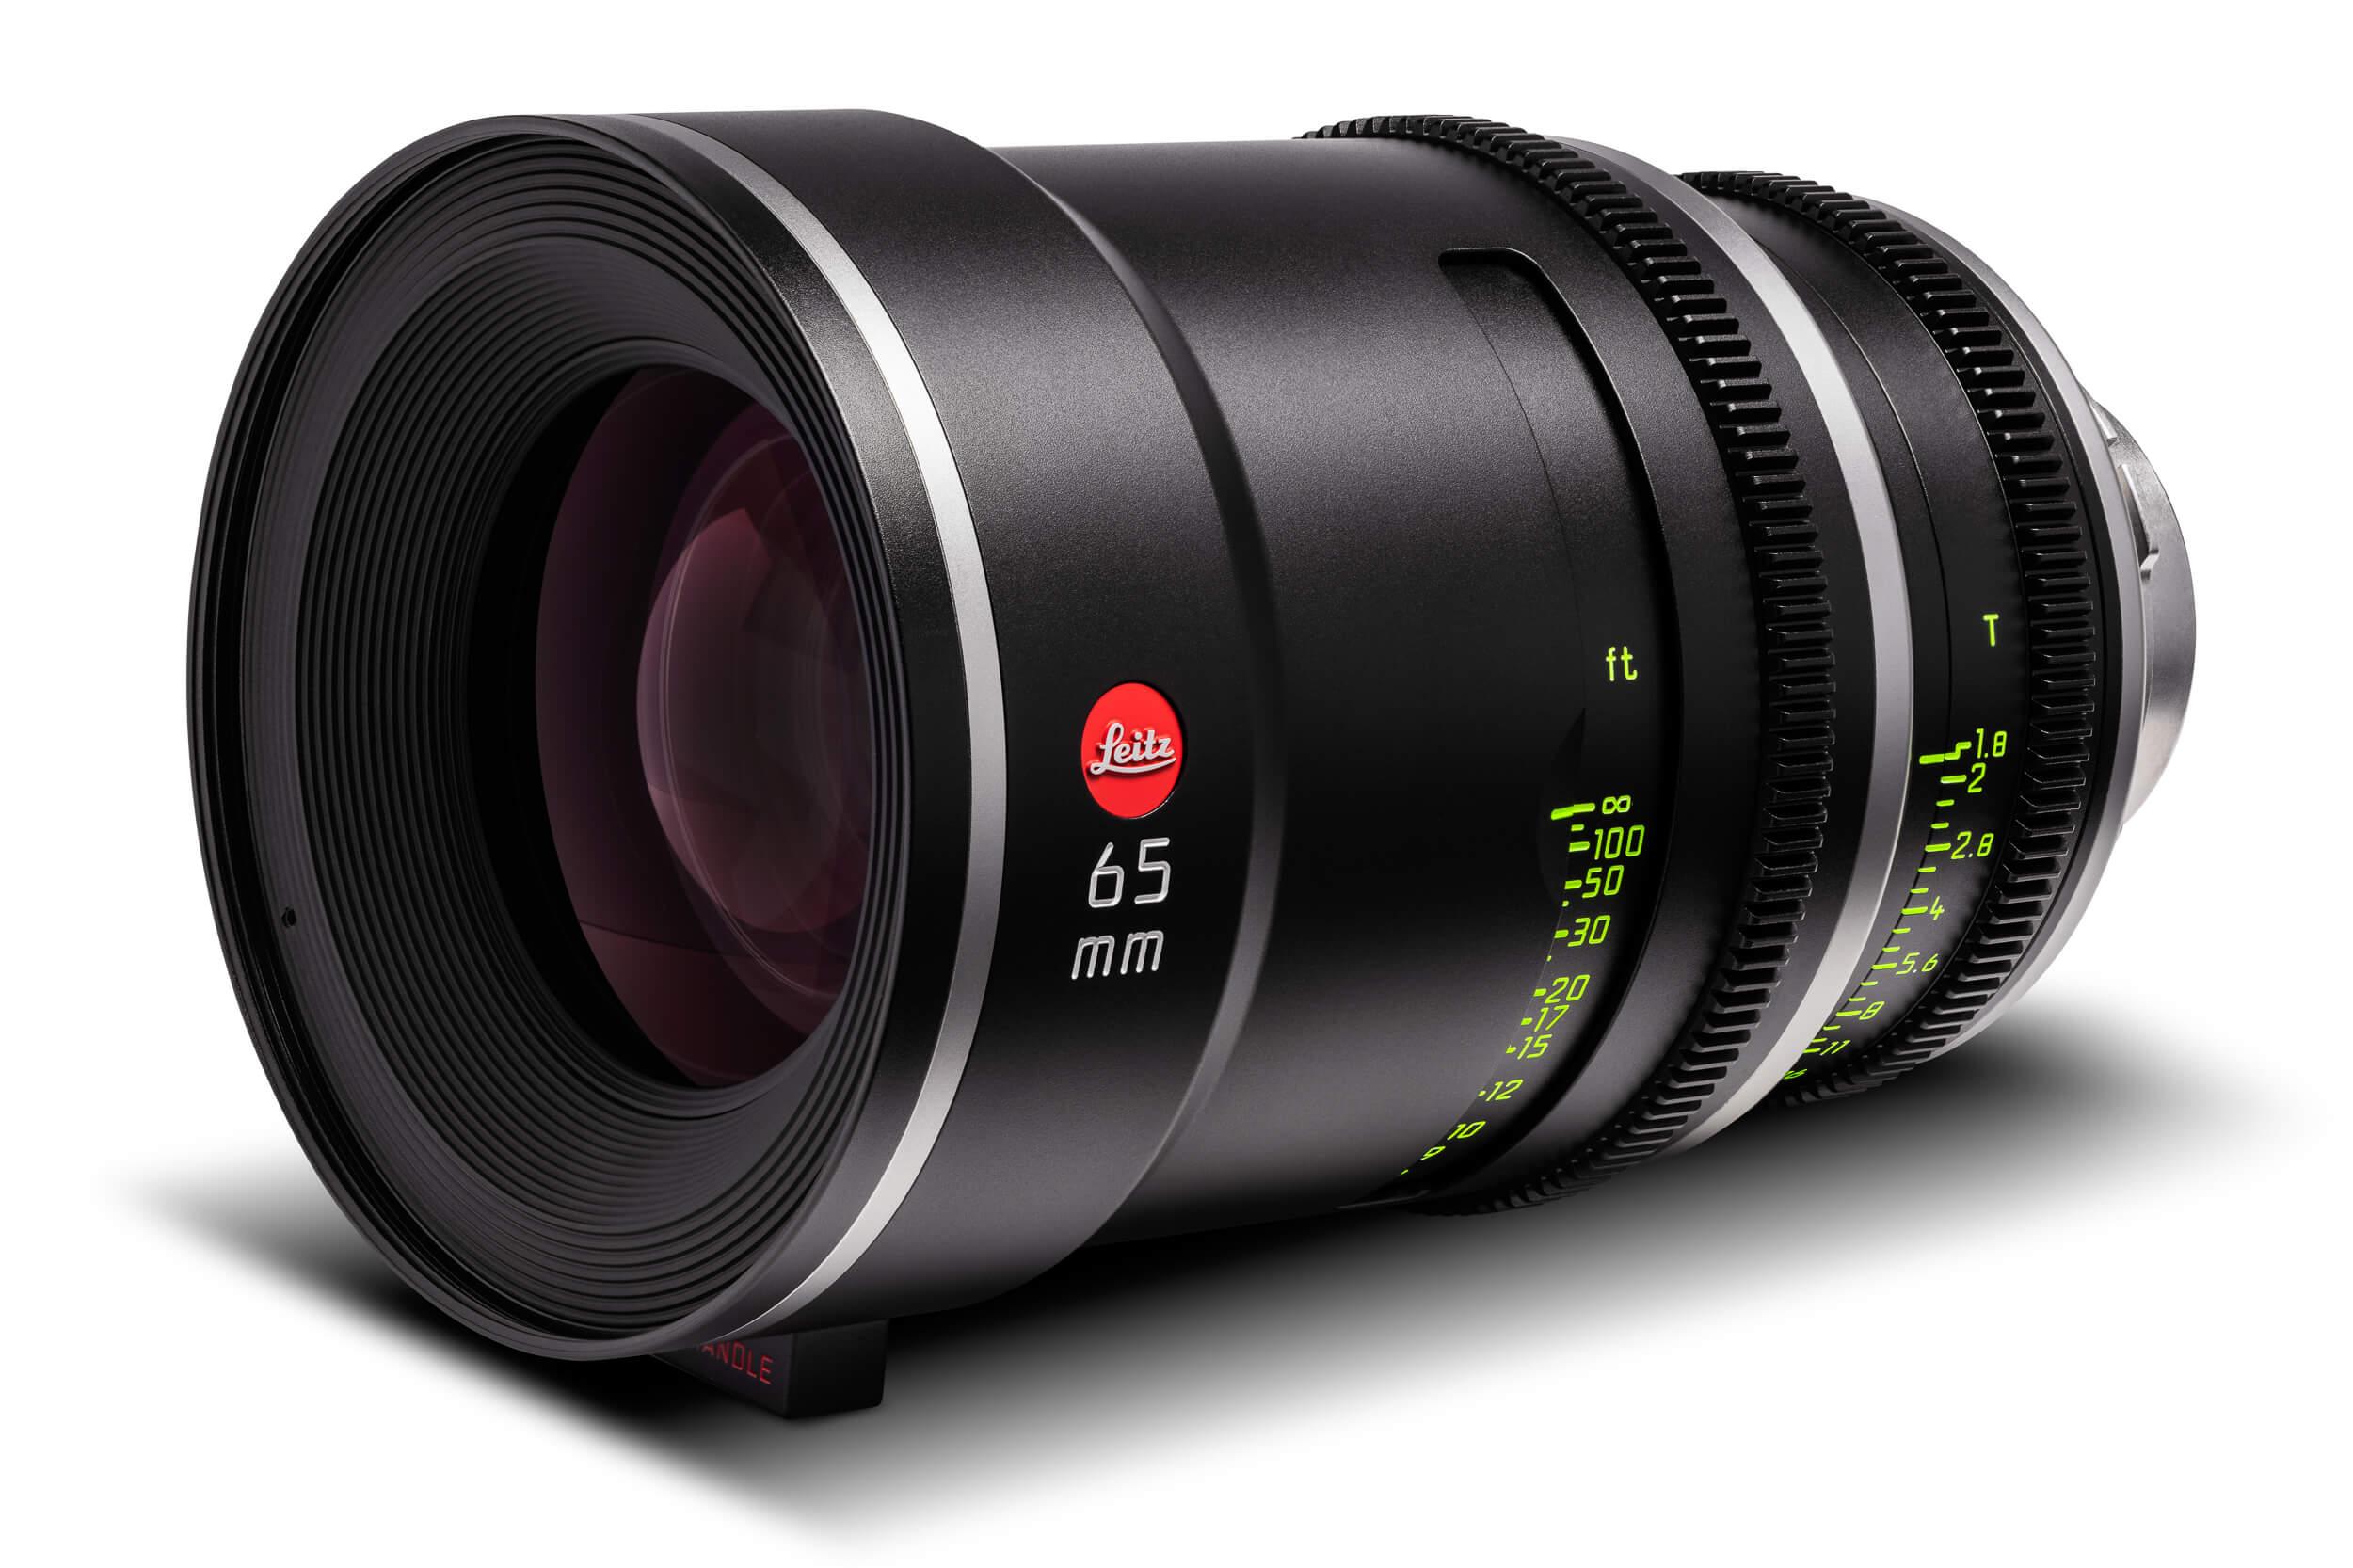 Leitz Prime 65mm full frame lens